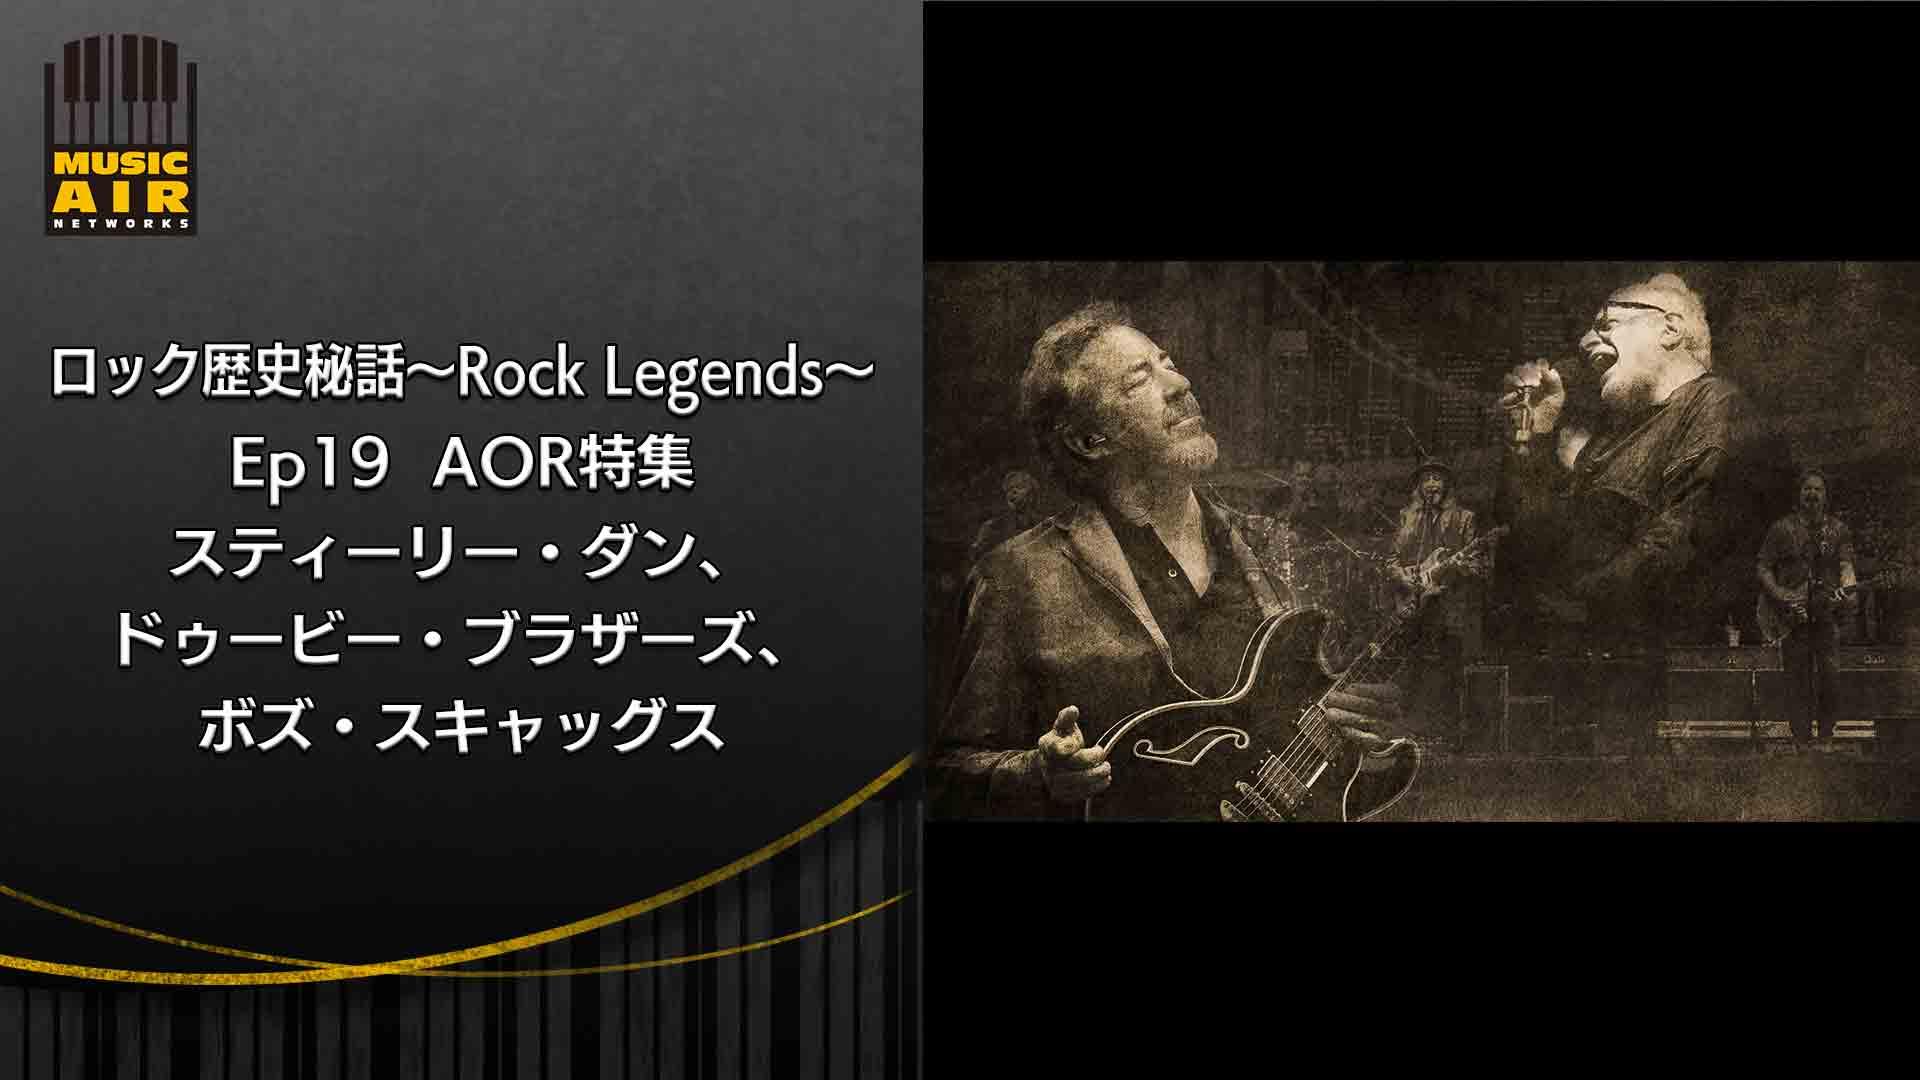 ロック歴史秘話~Rock Legends~Ep19 AOR特集▽スティーリー・ダン、ドゥービー・ブラザーズ、ボズ・スキャッグス(字幕版)